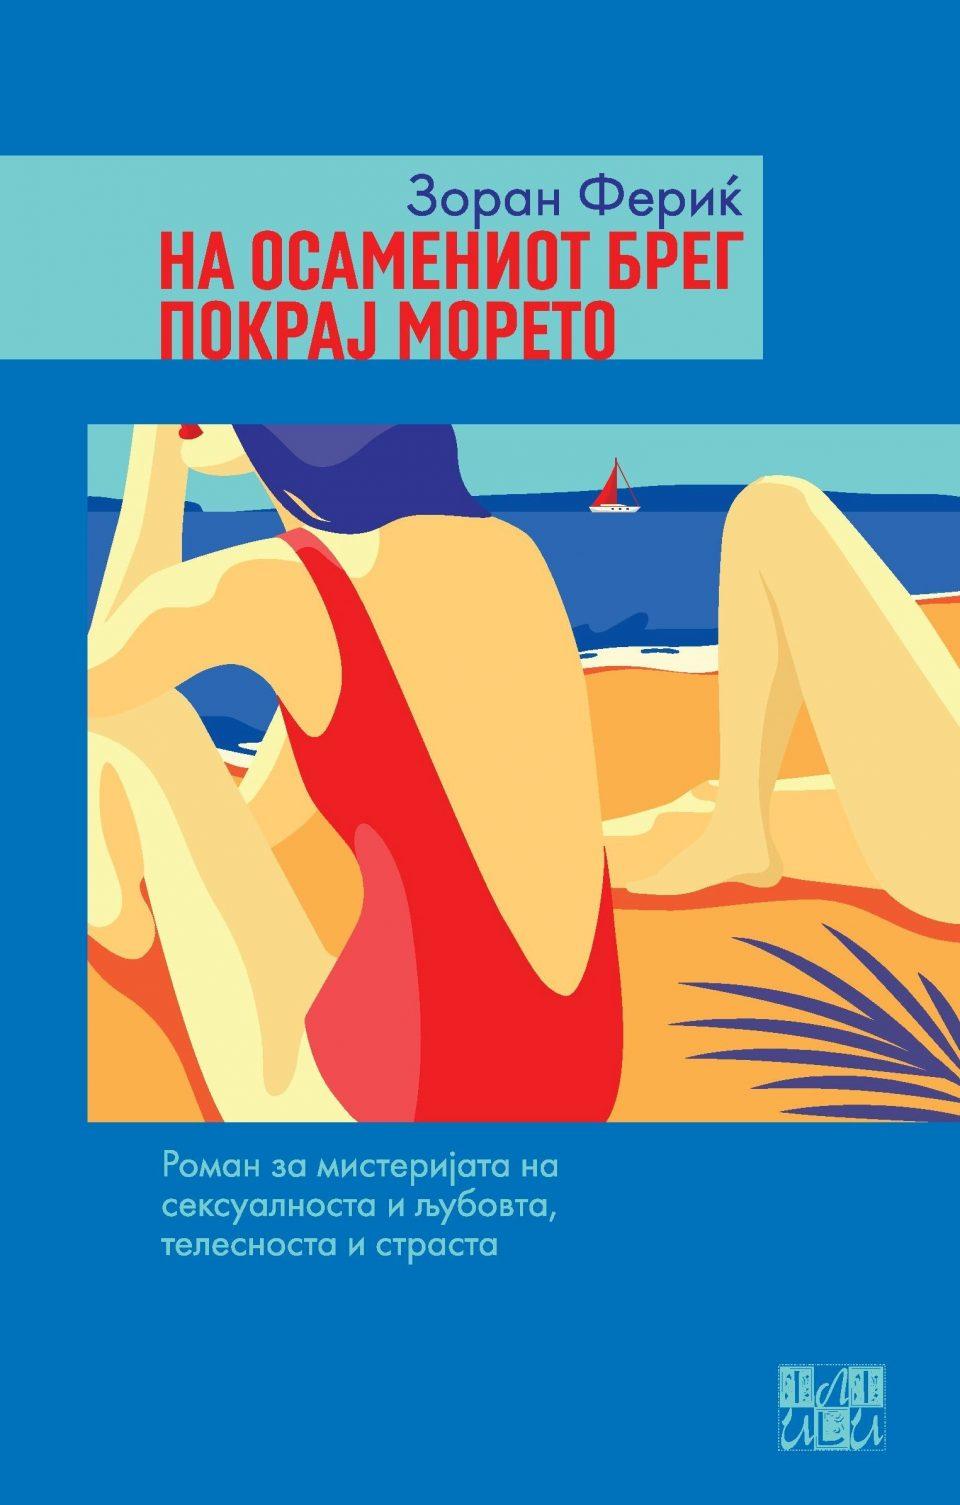 """Објавен романот """"На осамениот брег покрај морето"""" од Зоран Фериќ"""